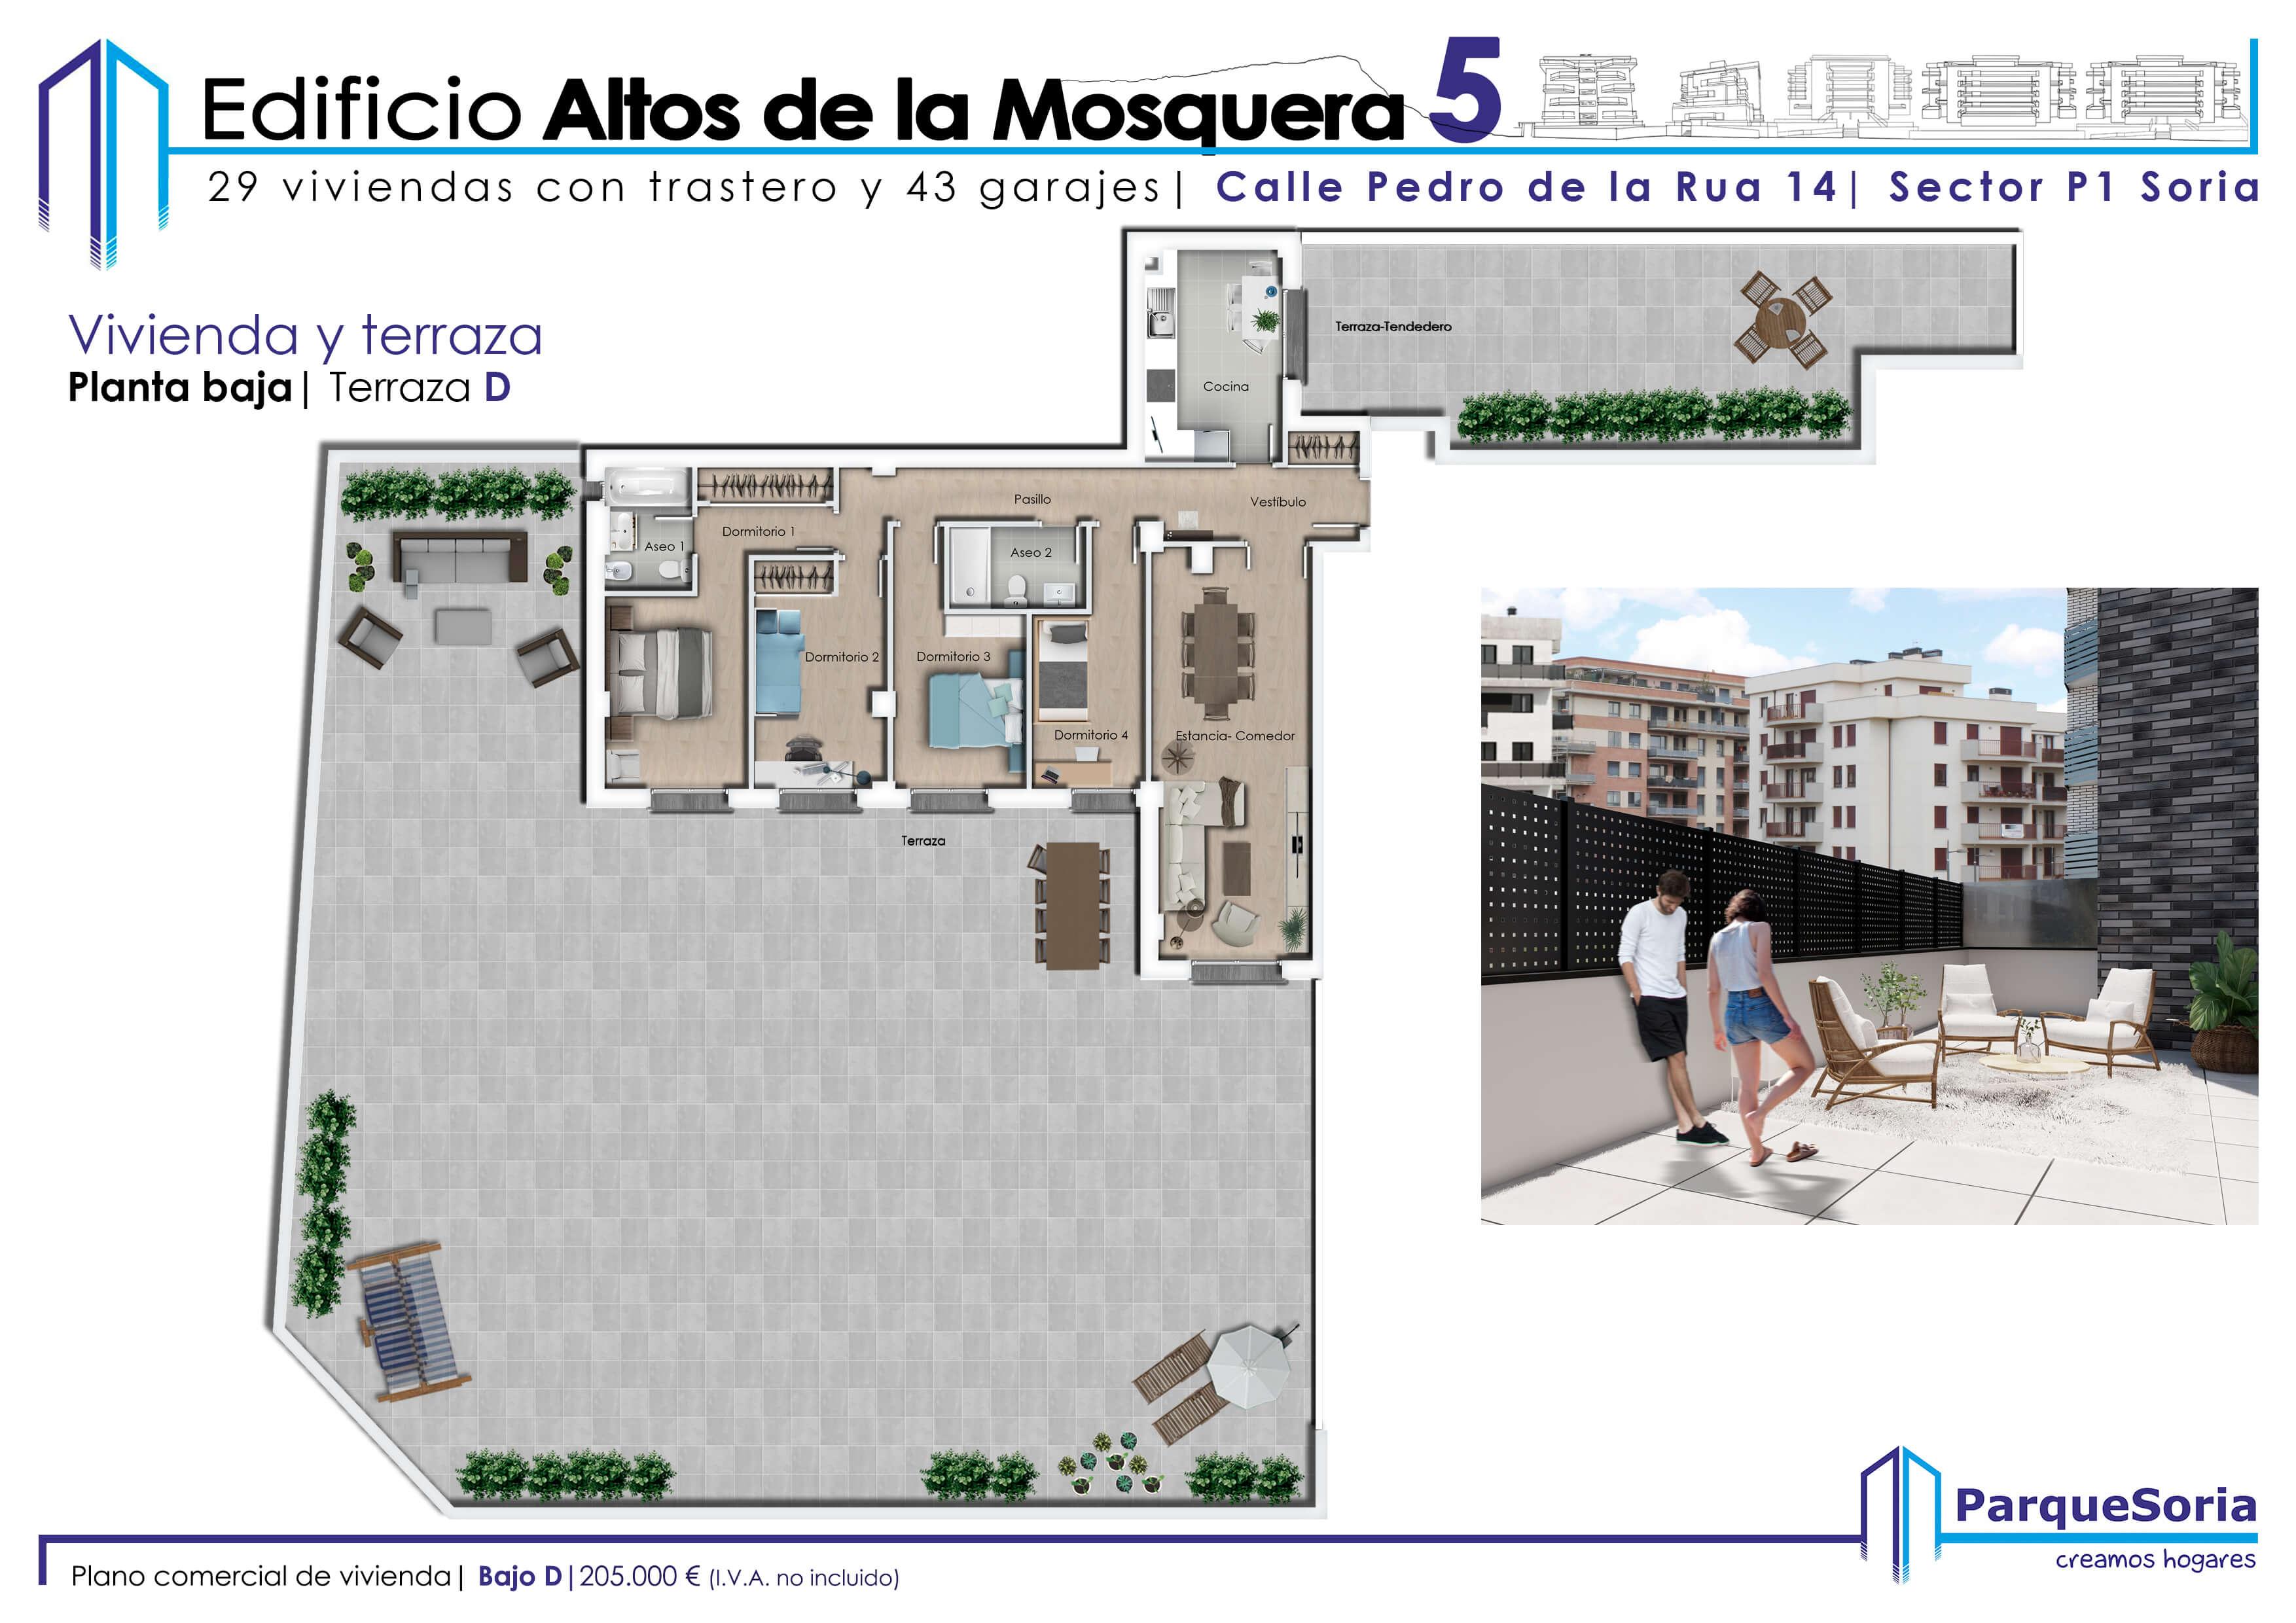 504-vivienda y terraza